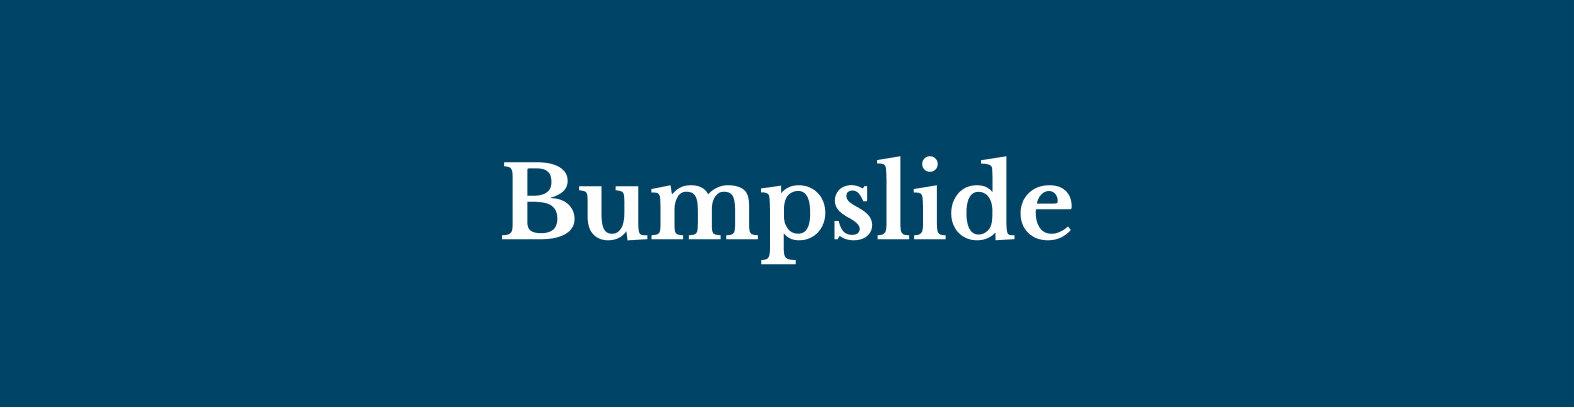 bumpslide.jpg